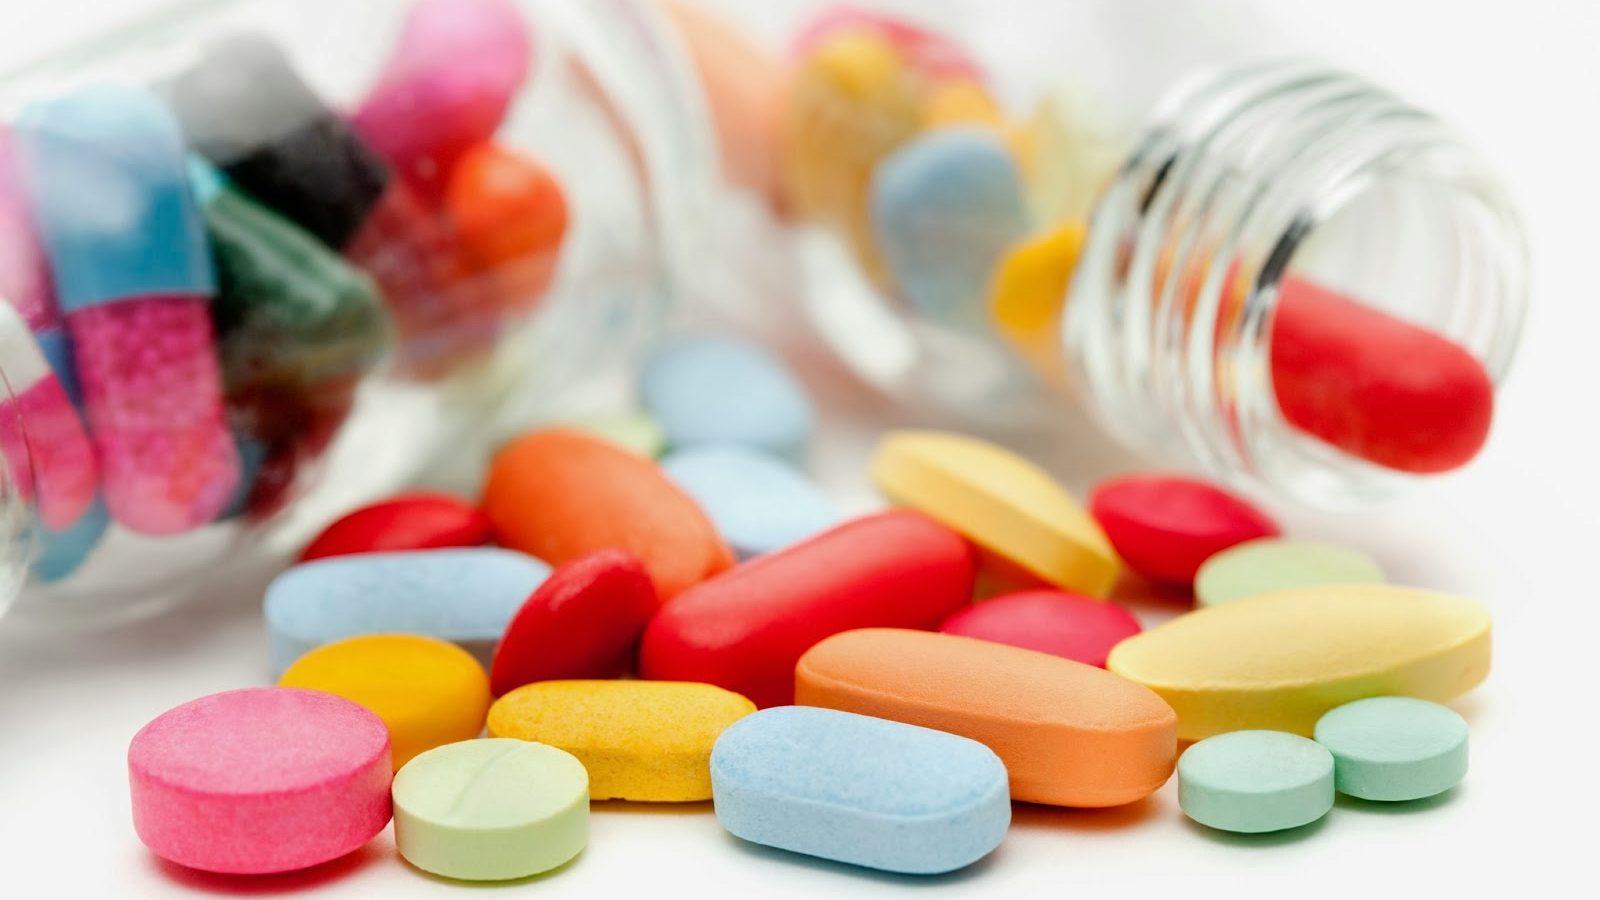 sirbe para adelgazar las pastillas alli xls lipograsil